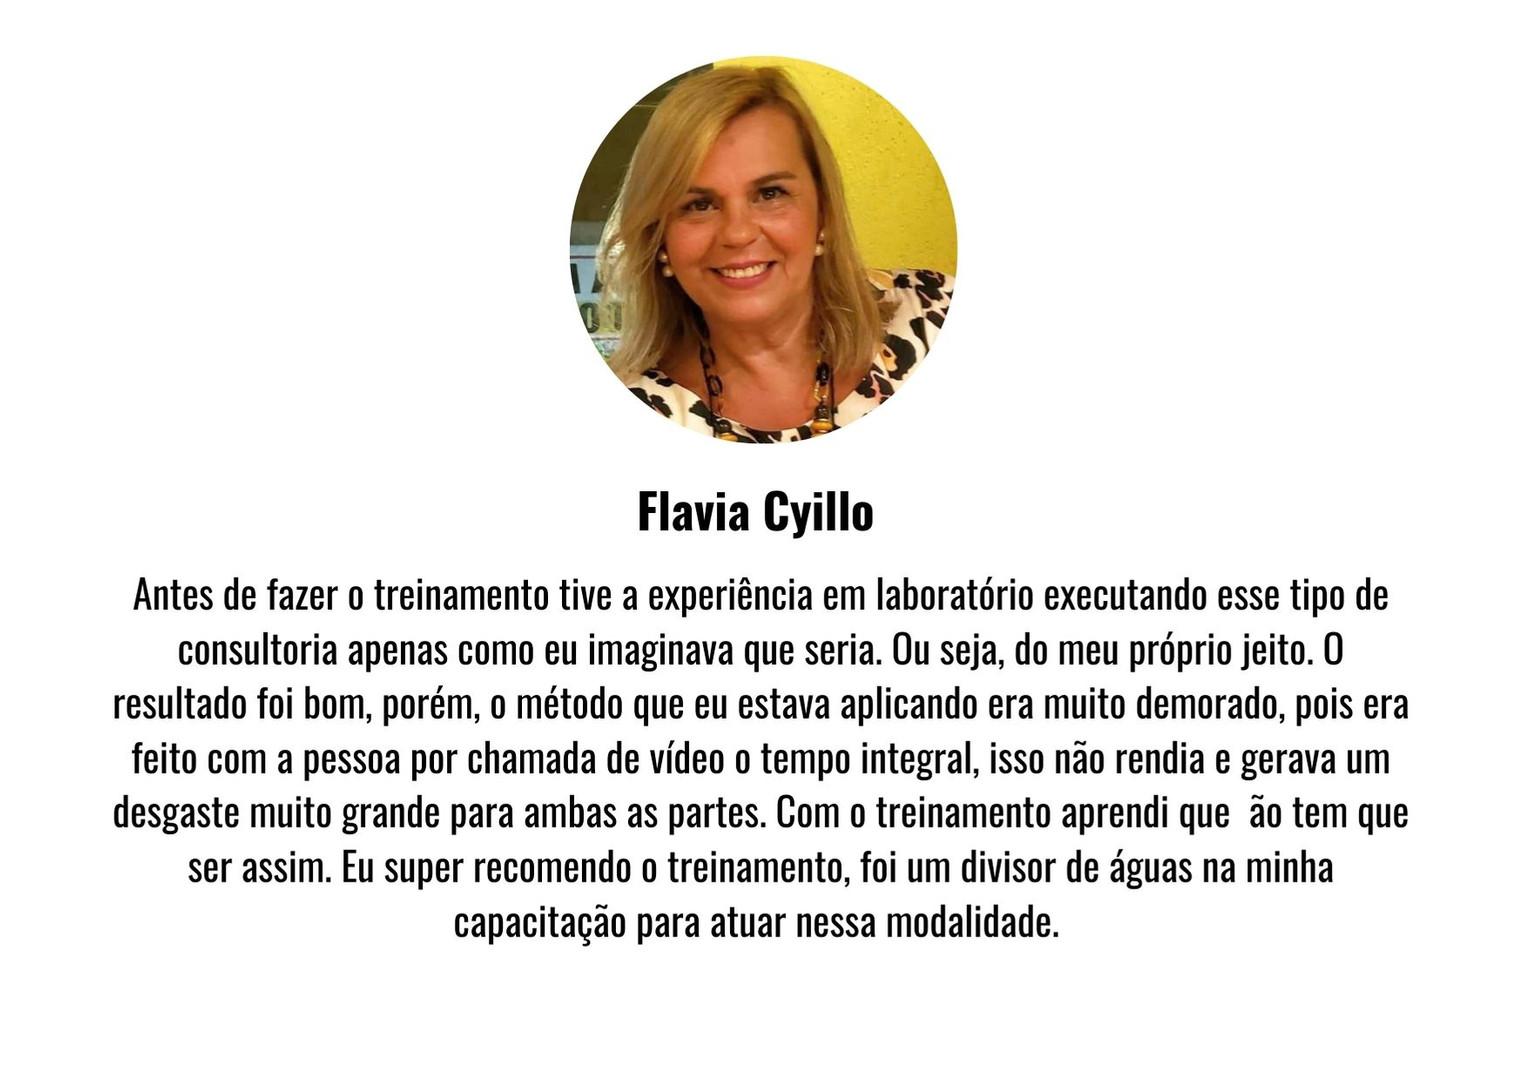 Flavia Cyillo